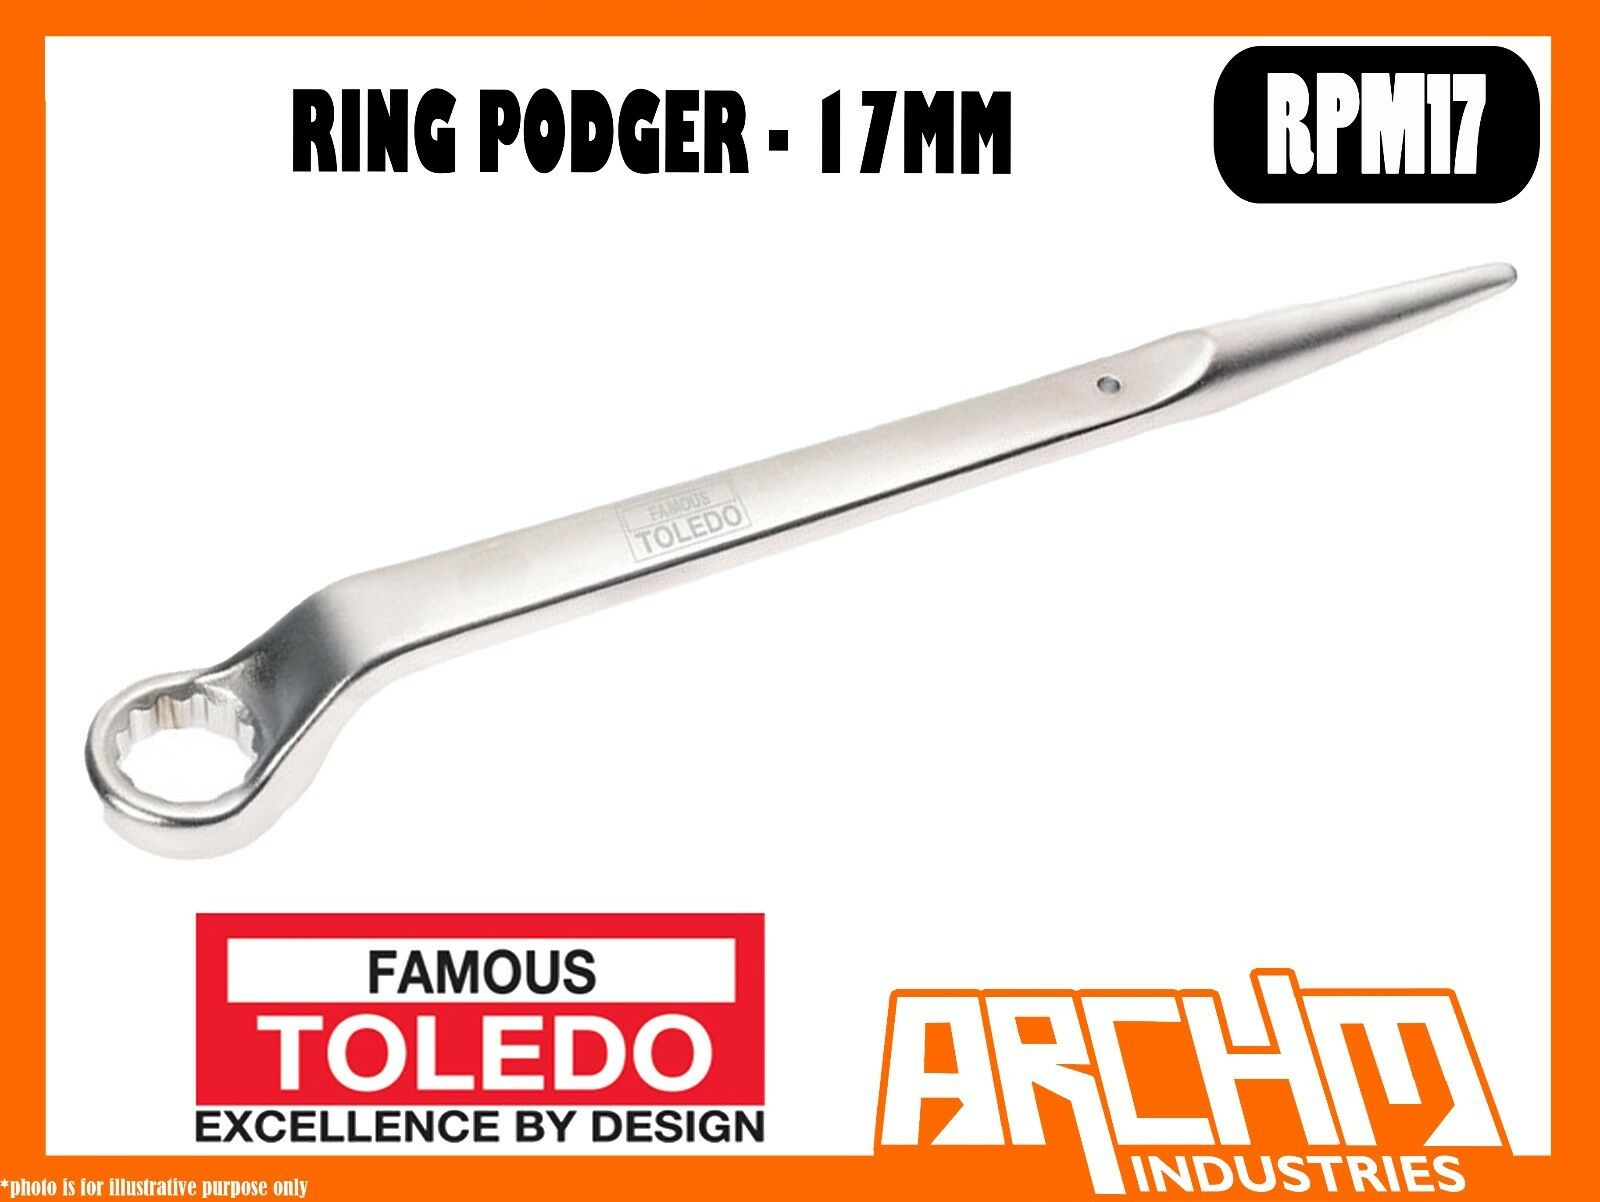 TOLEDO RPM17 - RING PODGER - 17MM - METRIC